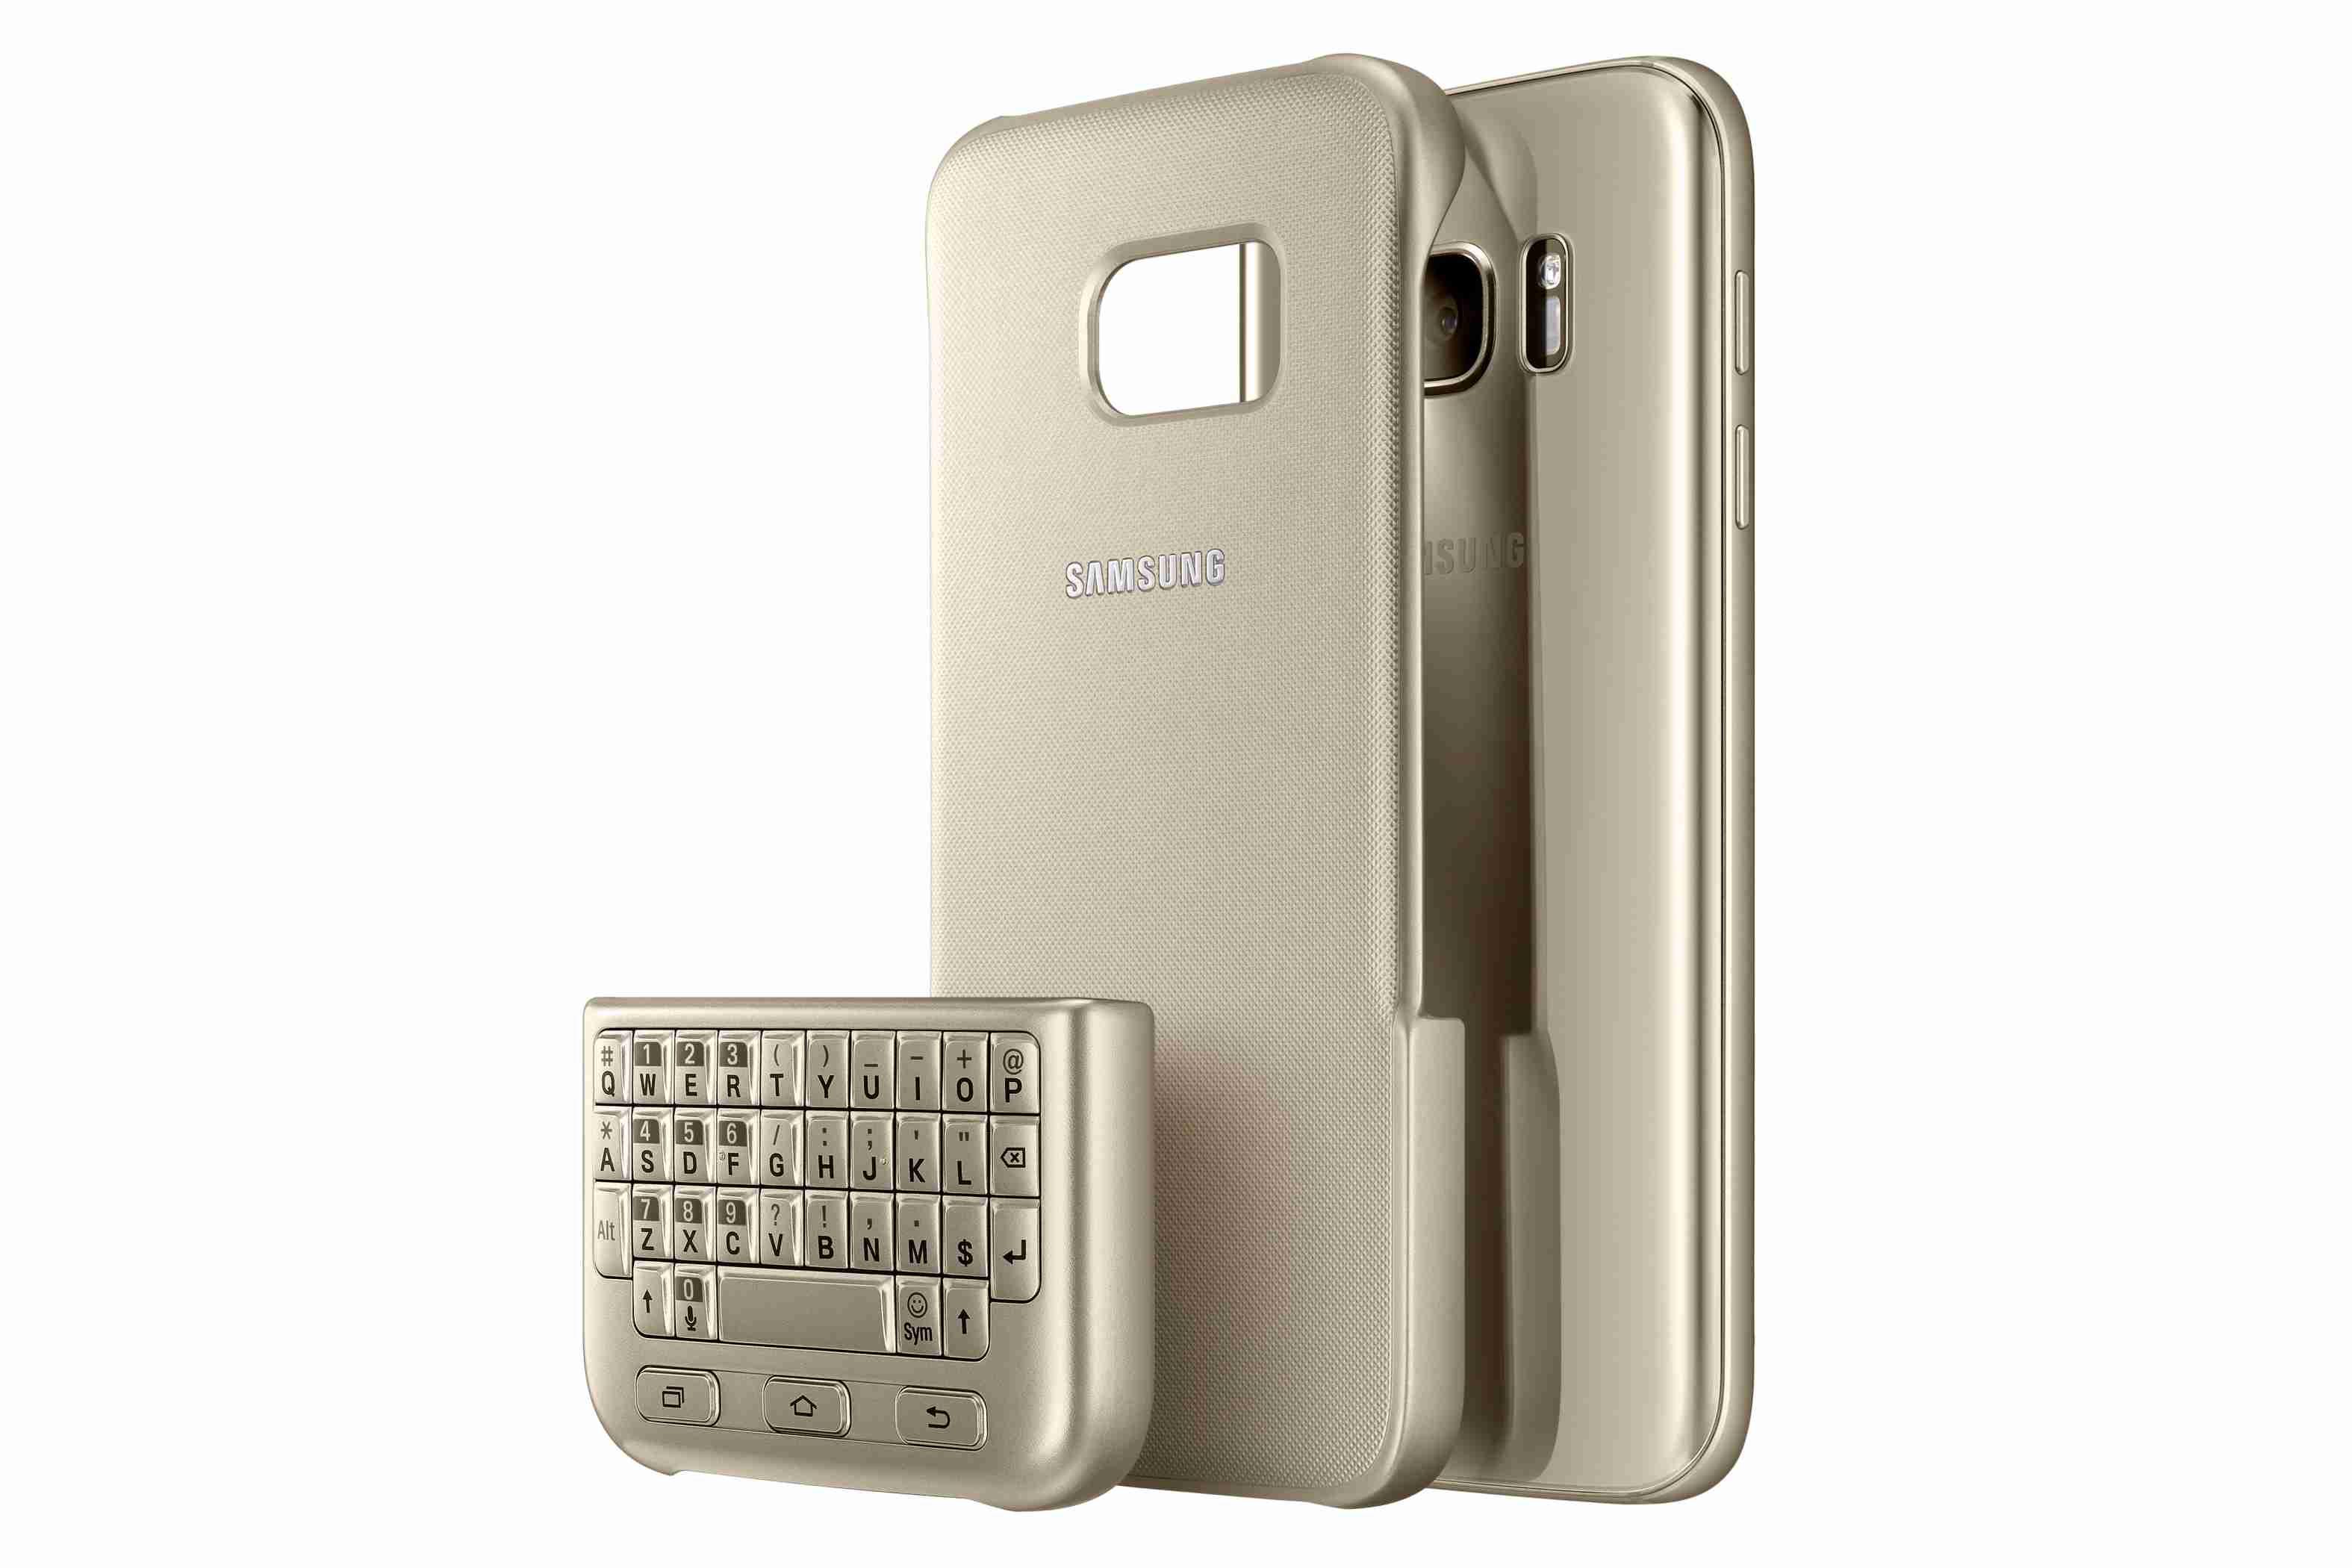 Poznáme ceny príslušenstva pre telefóny Samsung Galaxy S7 a S7 edge ... fc367841cbb